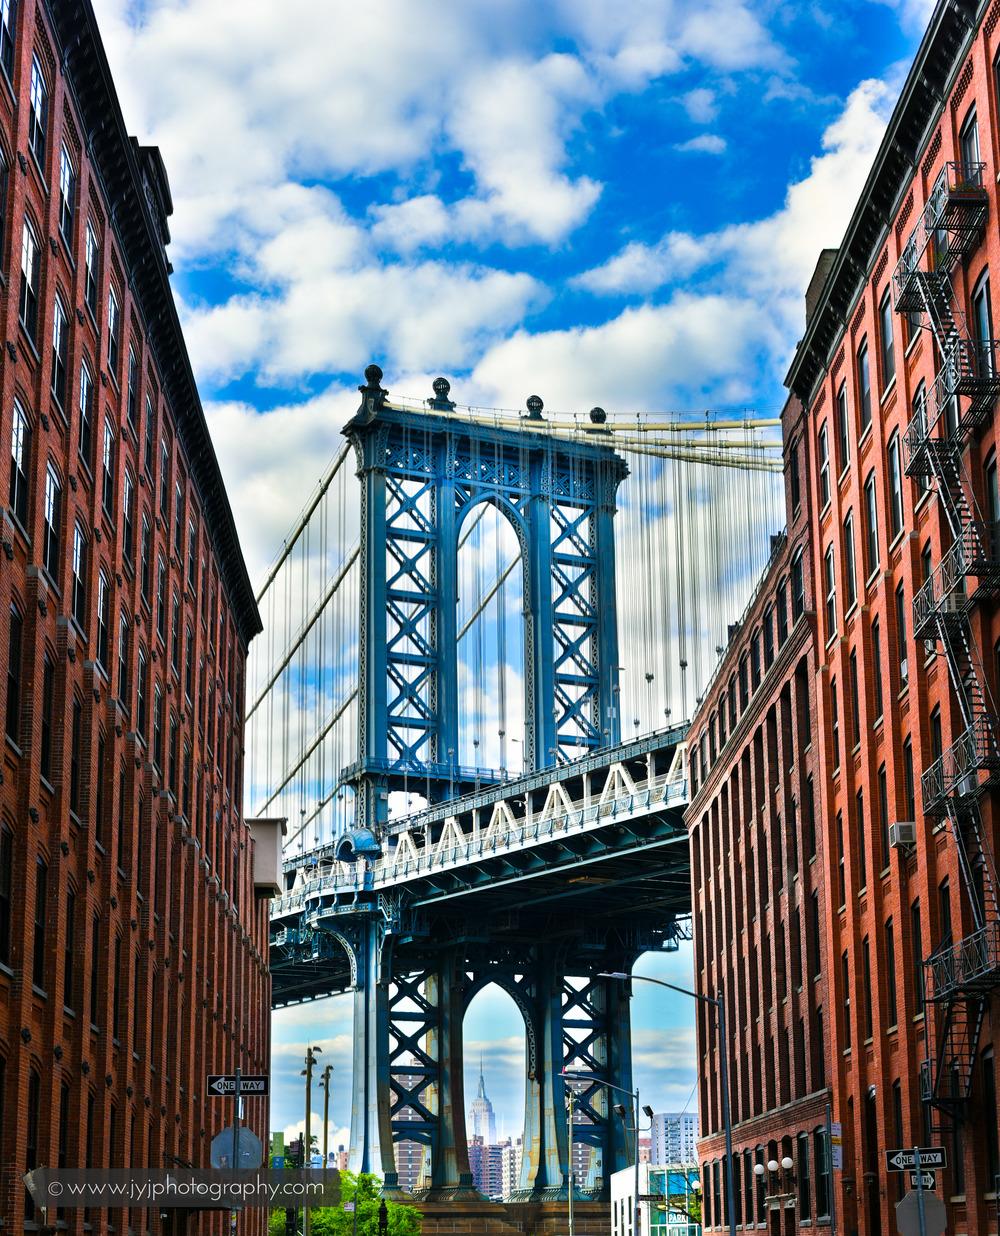 Manhattan Bridge. Image shot at Water Street and Washington Street.